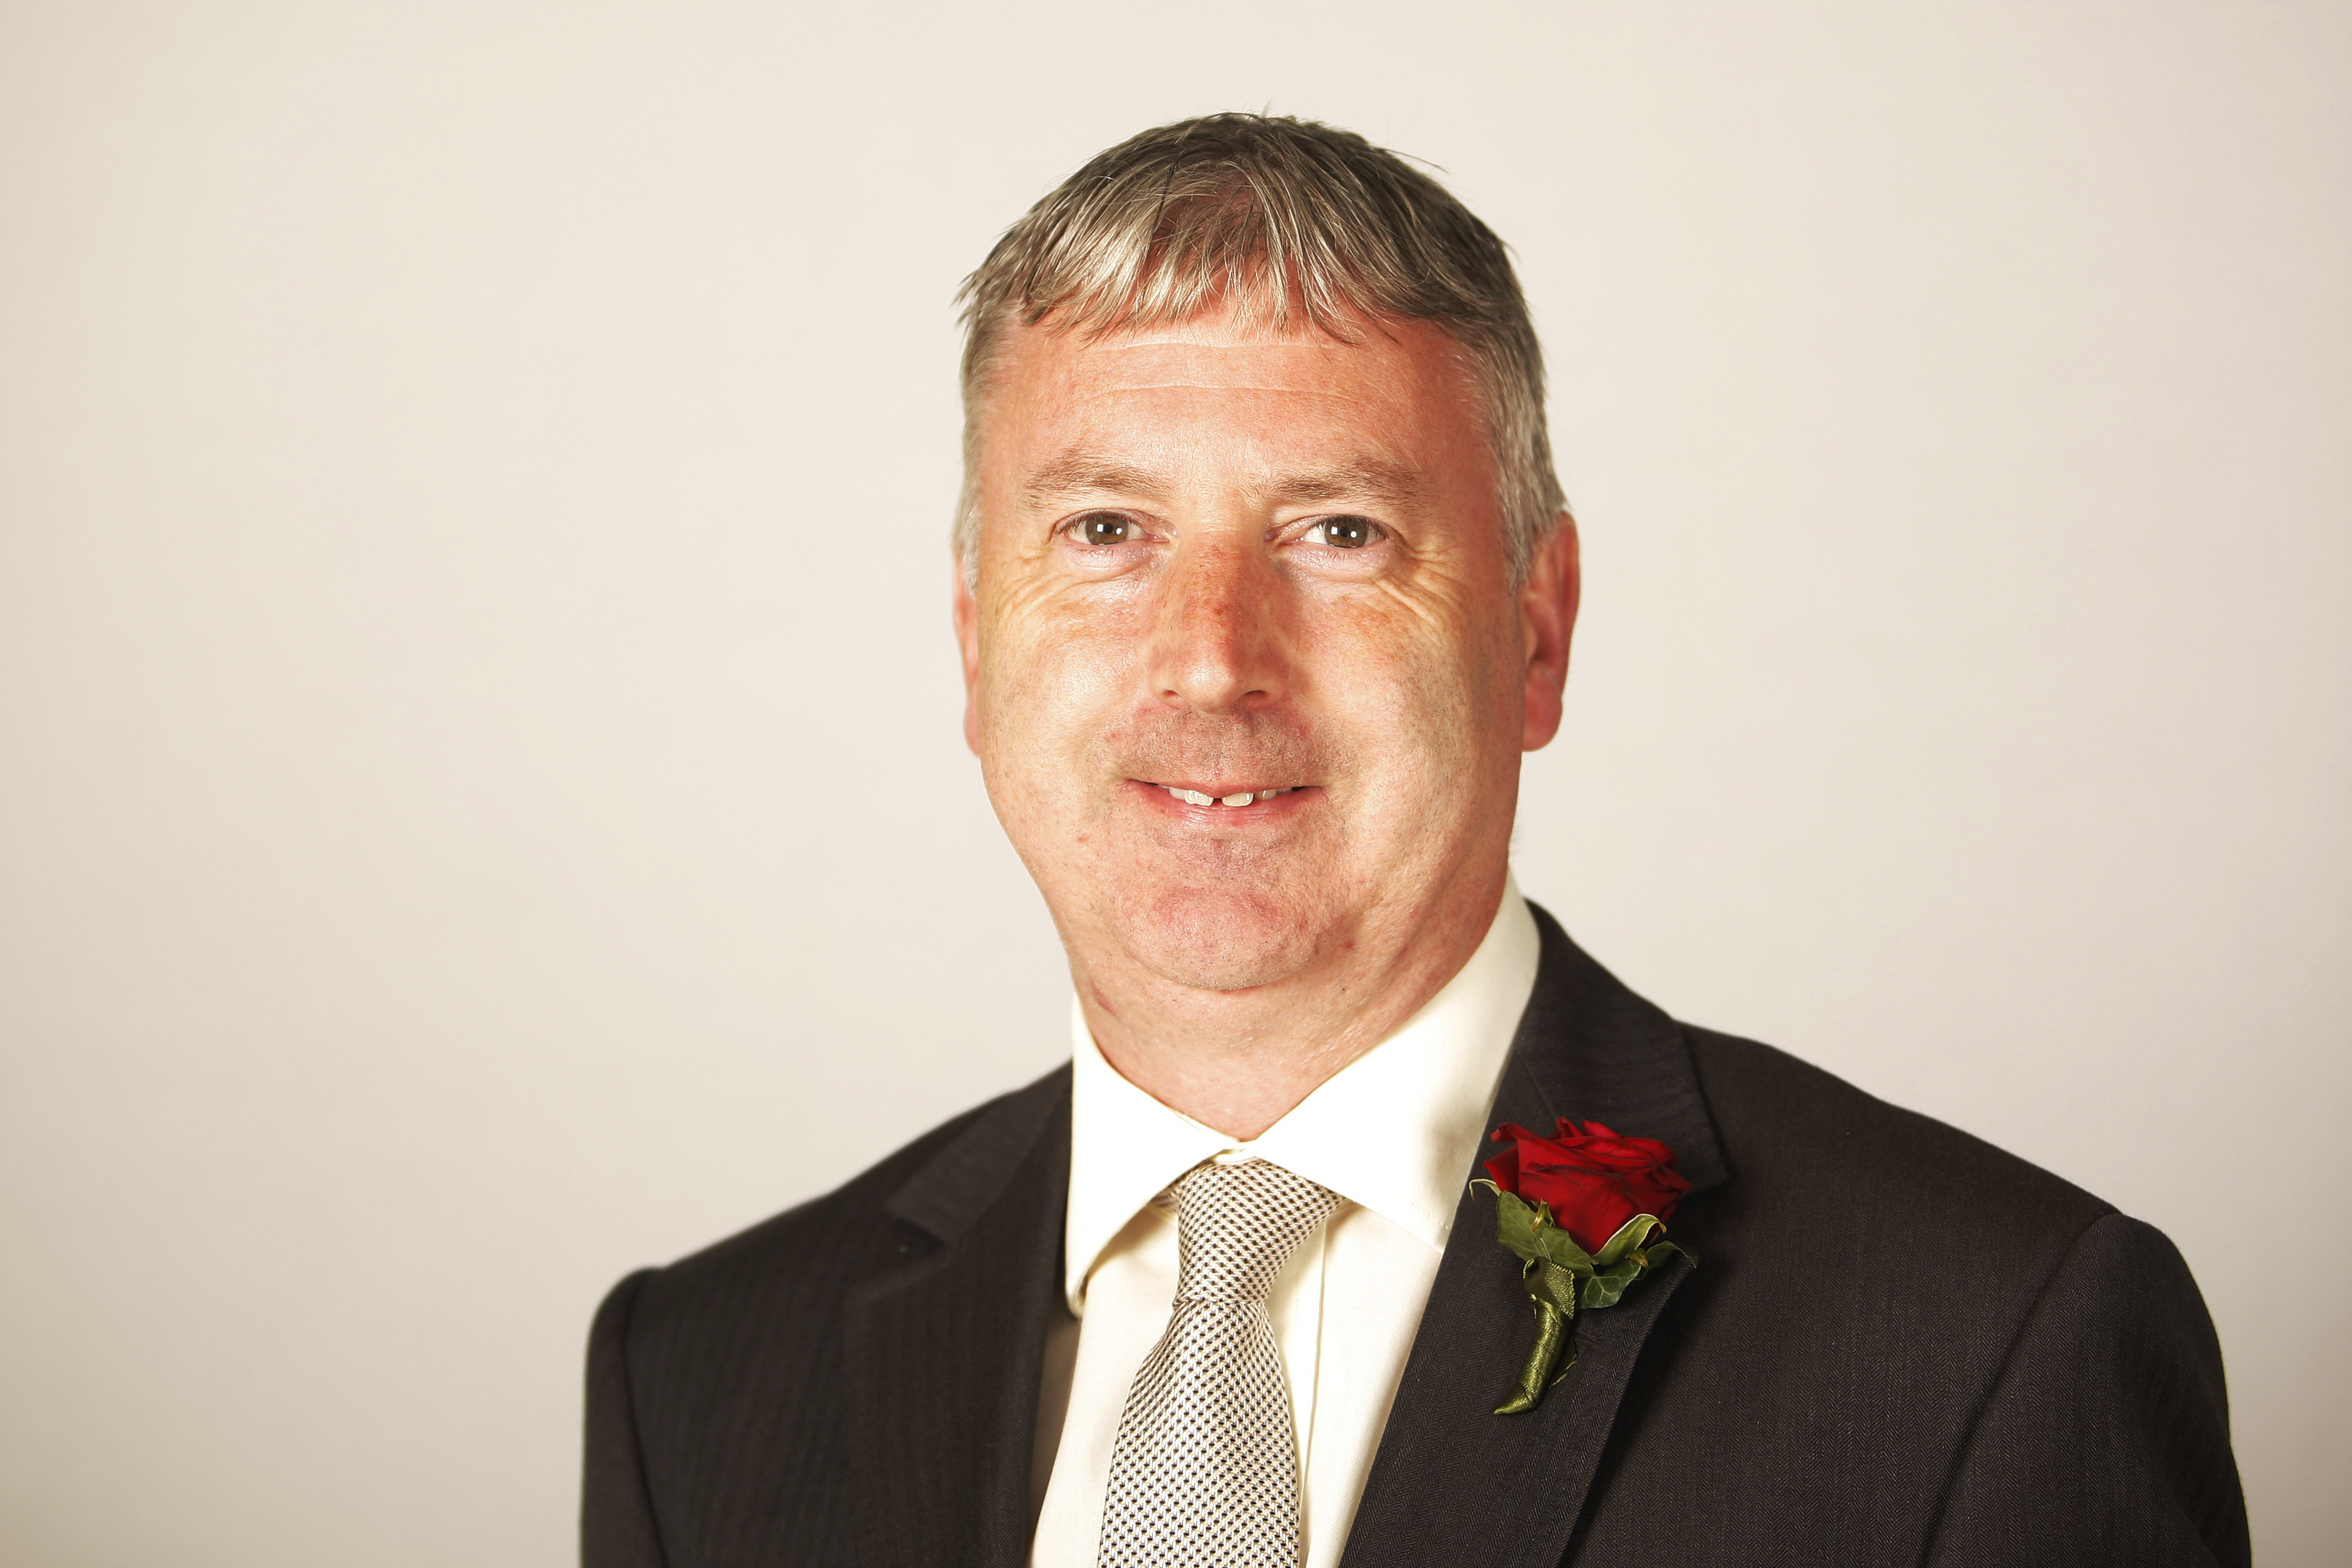 Labour MSP James Kelly